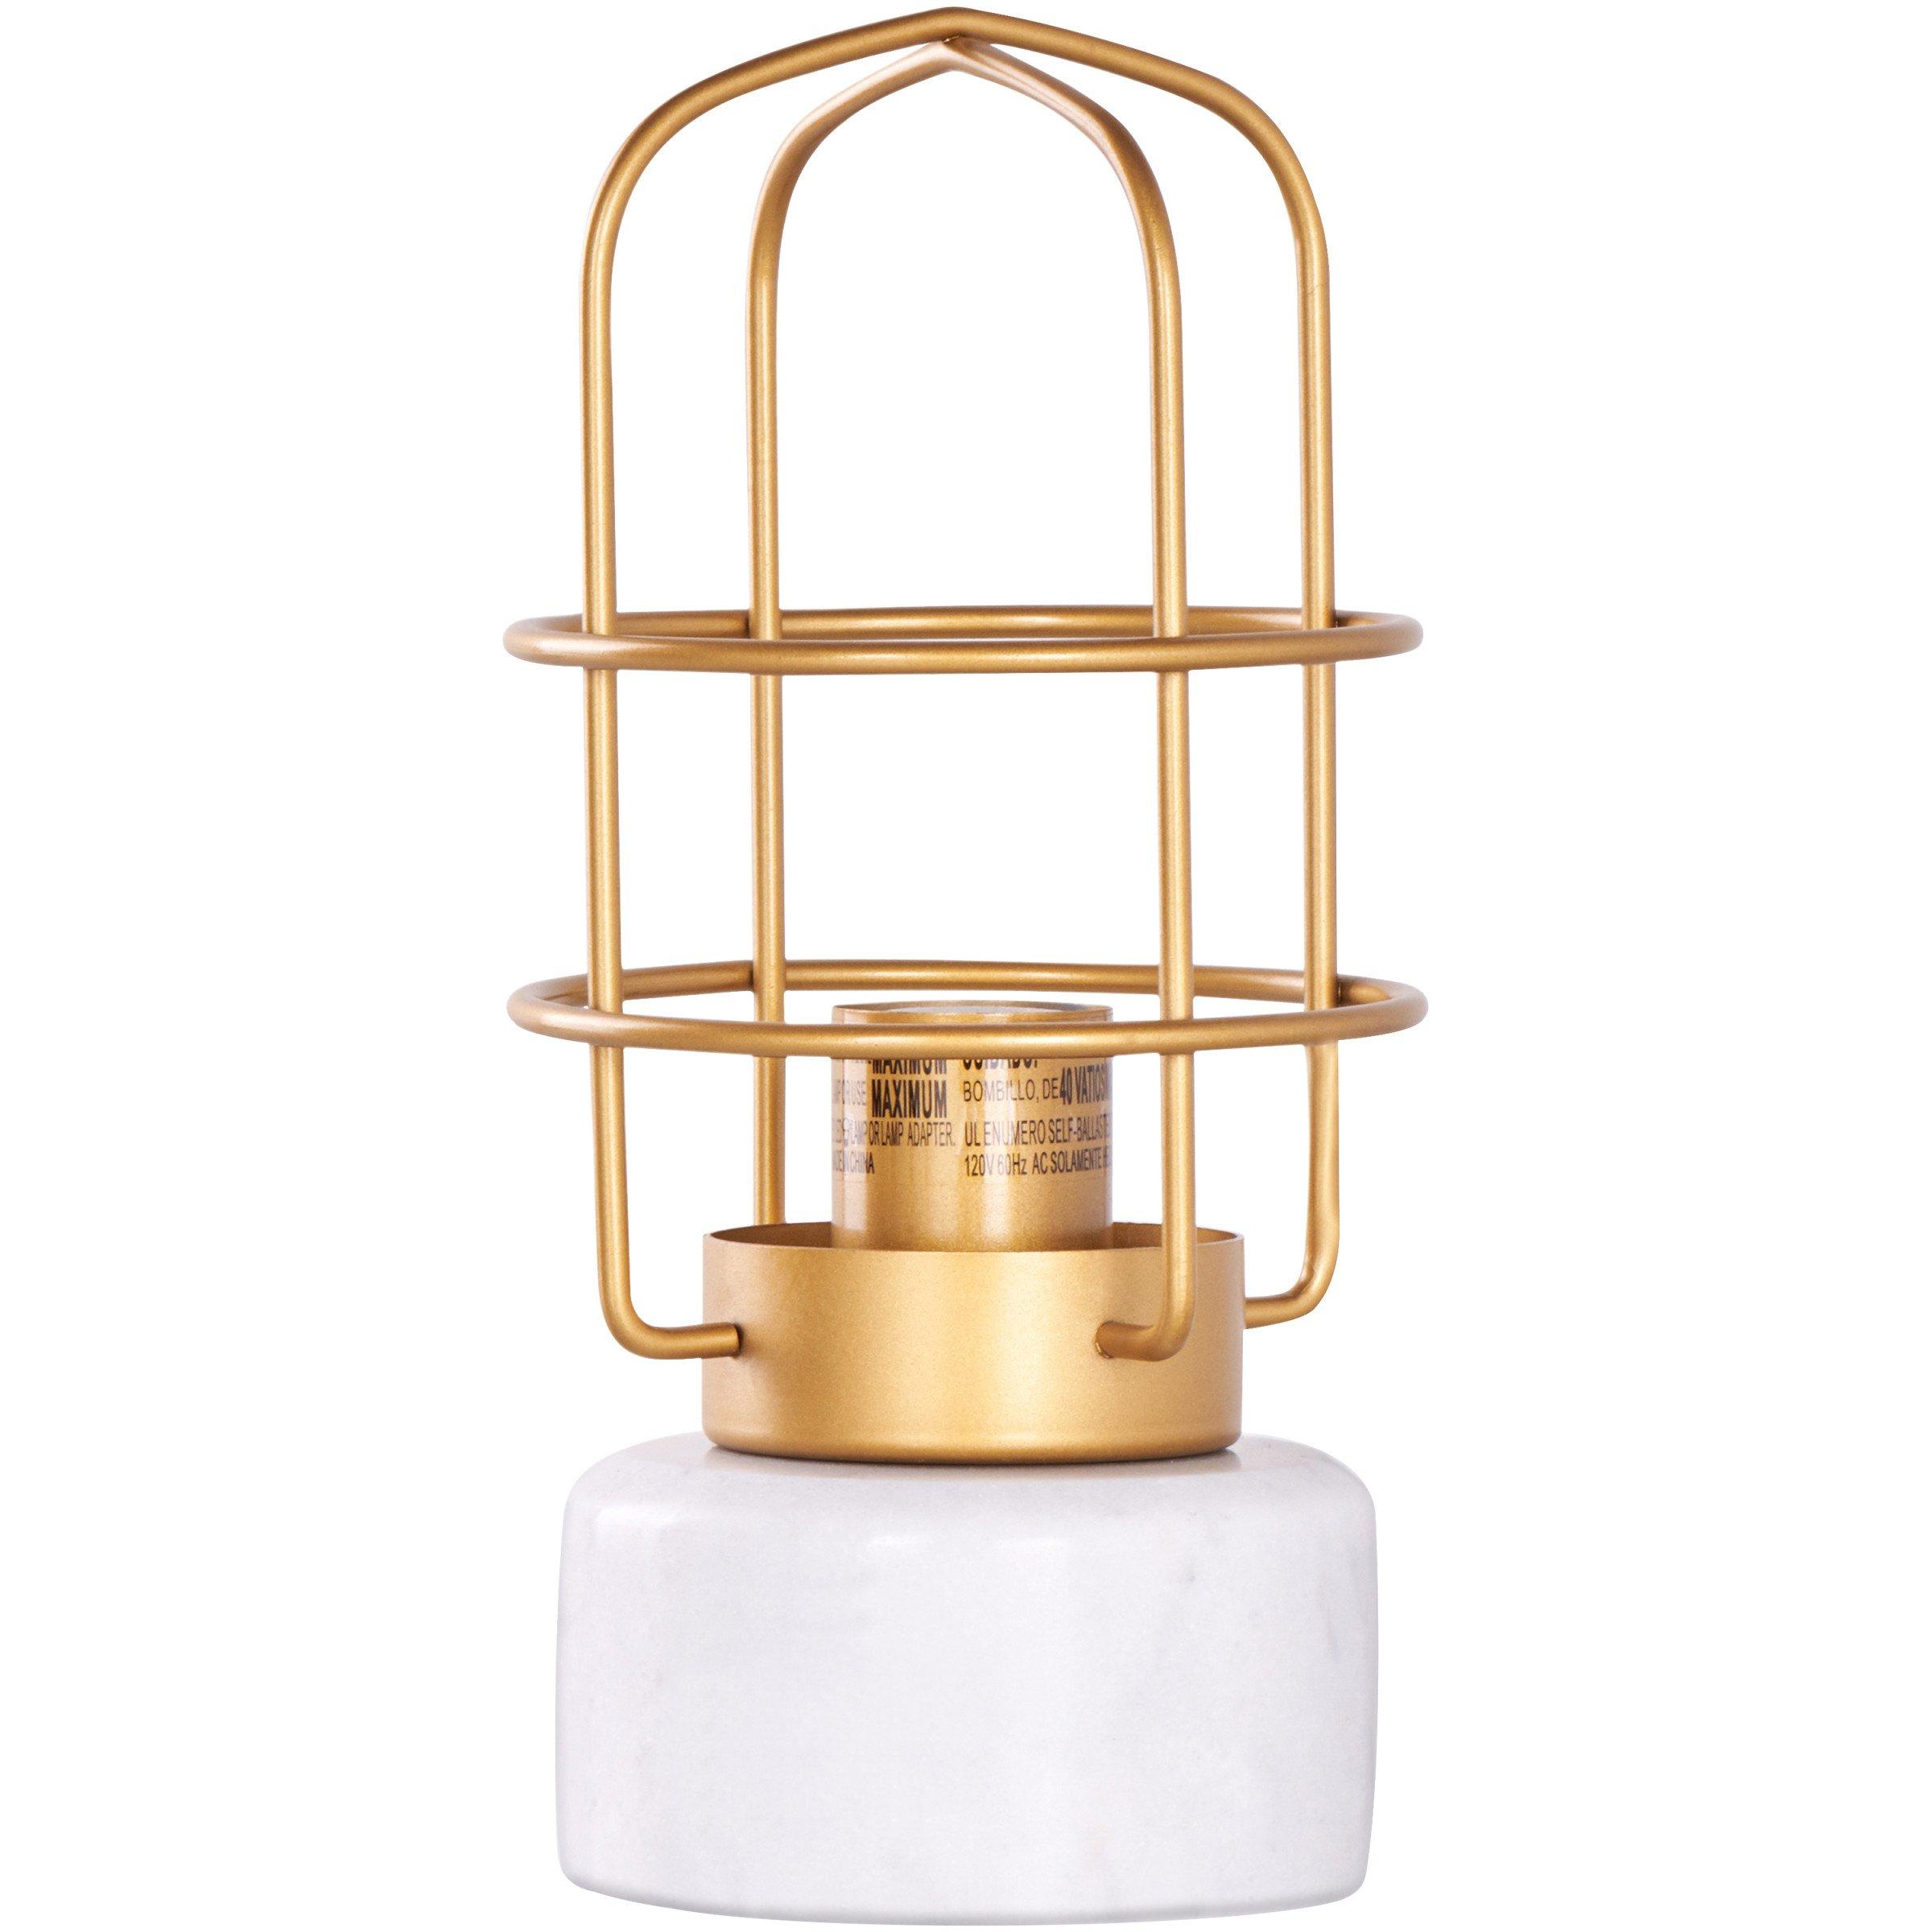 Modern Table Lamp for Bedroom Lovely Better Homes & Gardens Brushed Brass Finish Marble Base